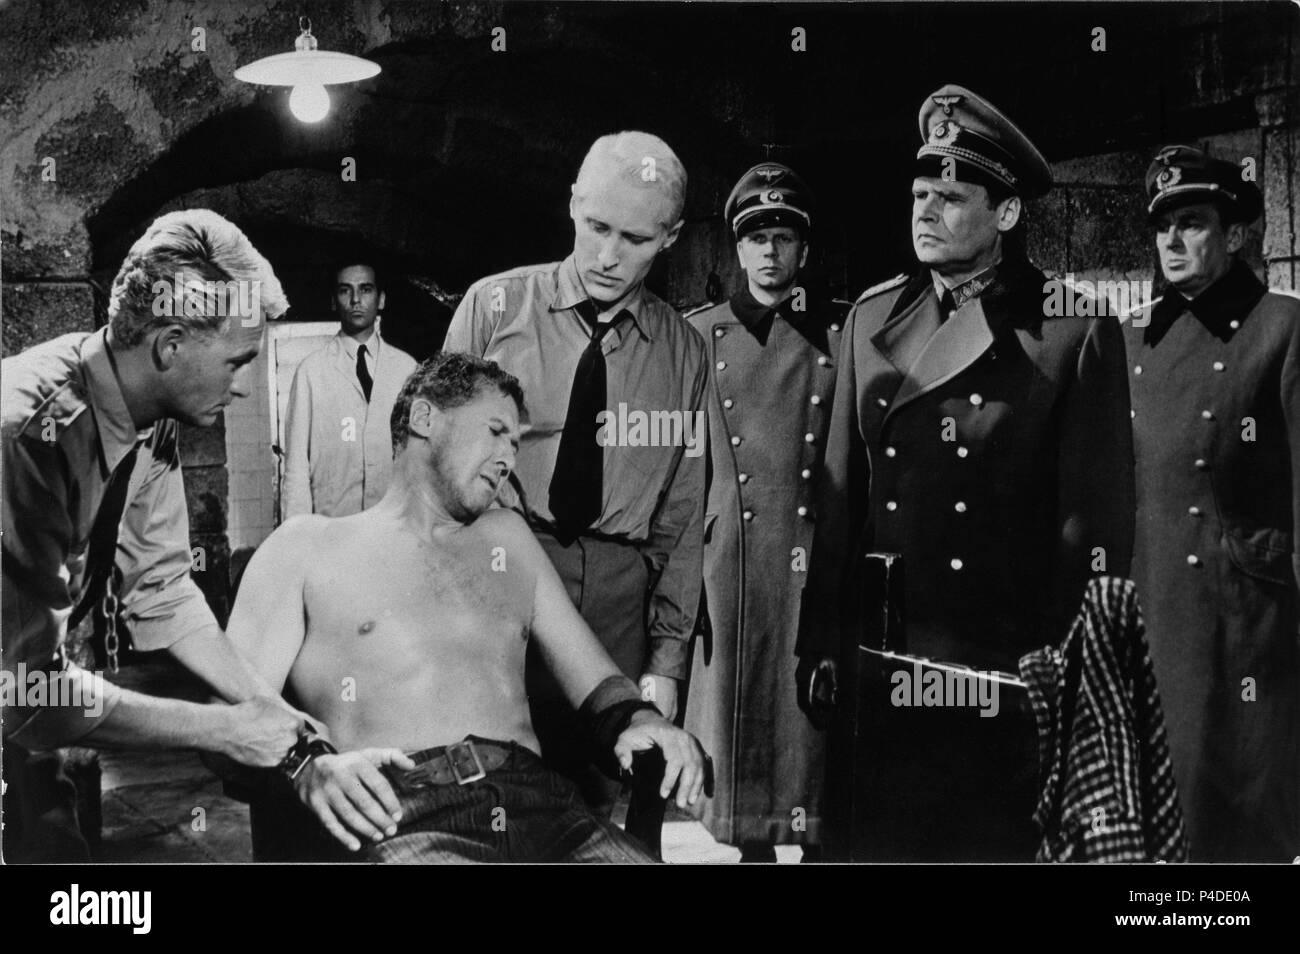 ESCENA DE LA PELICULA 'LOS CAÑONES DE NAVARONE' - 1961 - GREGORY PECK Y ANTHONY QUINN (EEUU). Author: THOMPSON, J. LEE. - Stock Image